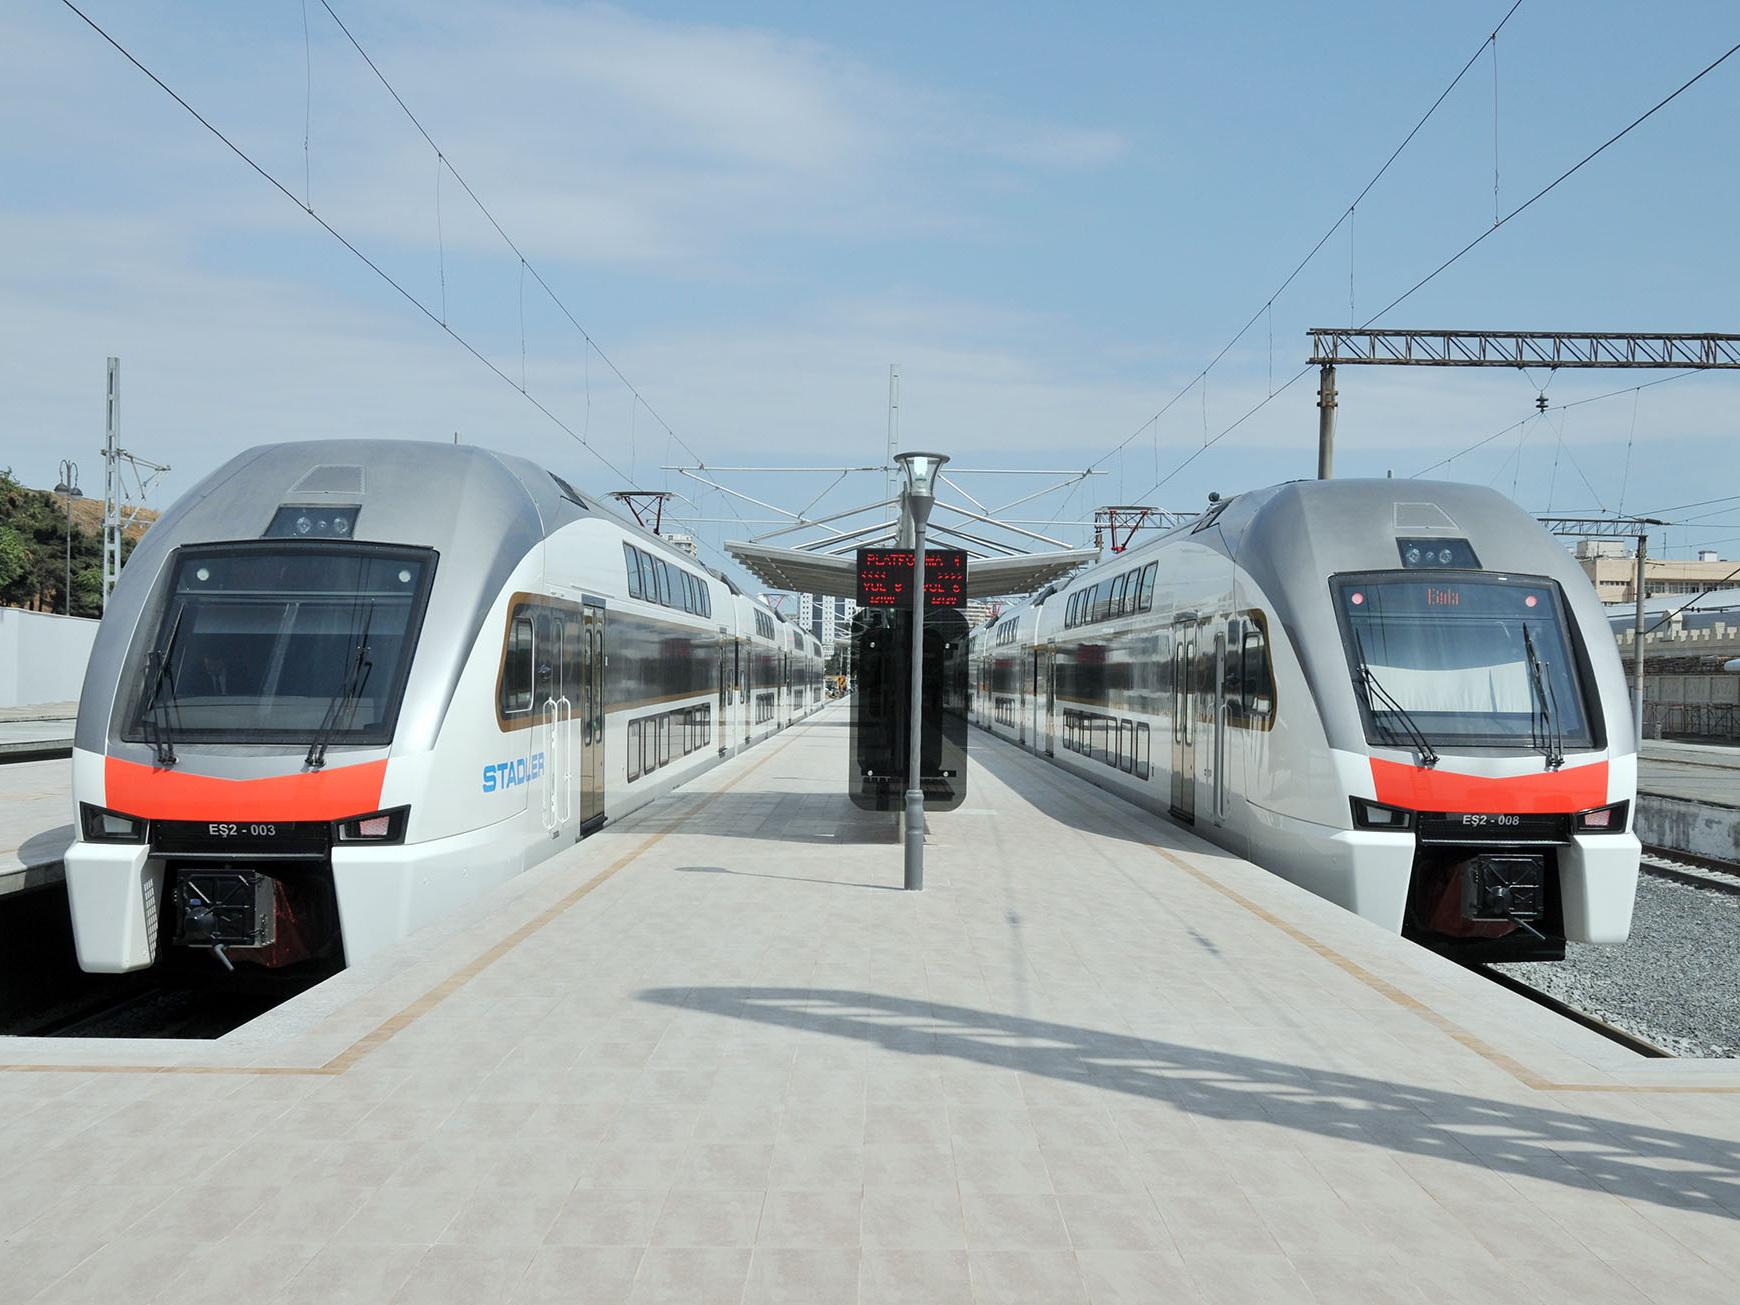 Электрички Баку-Хырдалан-Сумгайыт приостановят движение на несколько месяцев